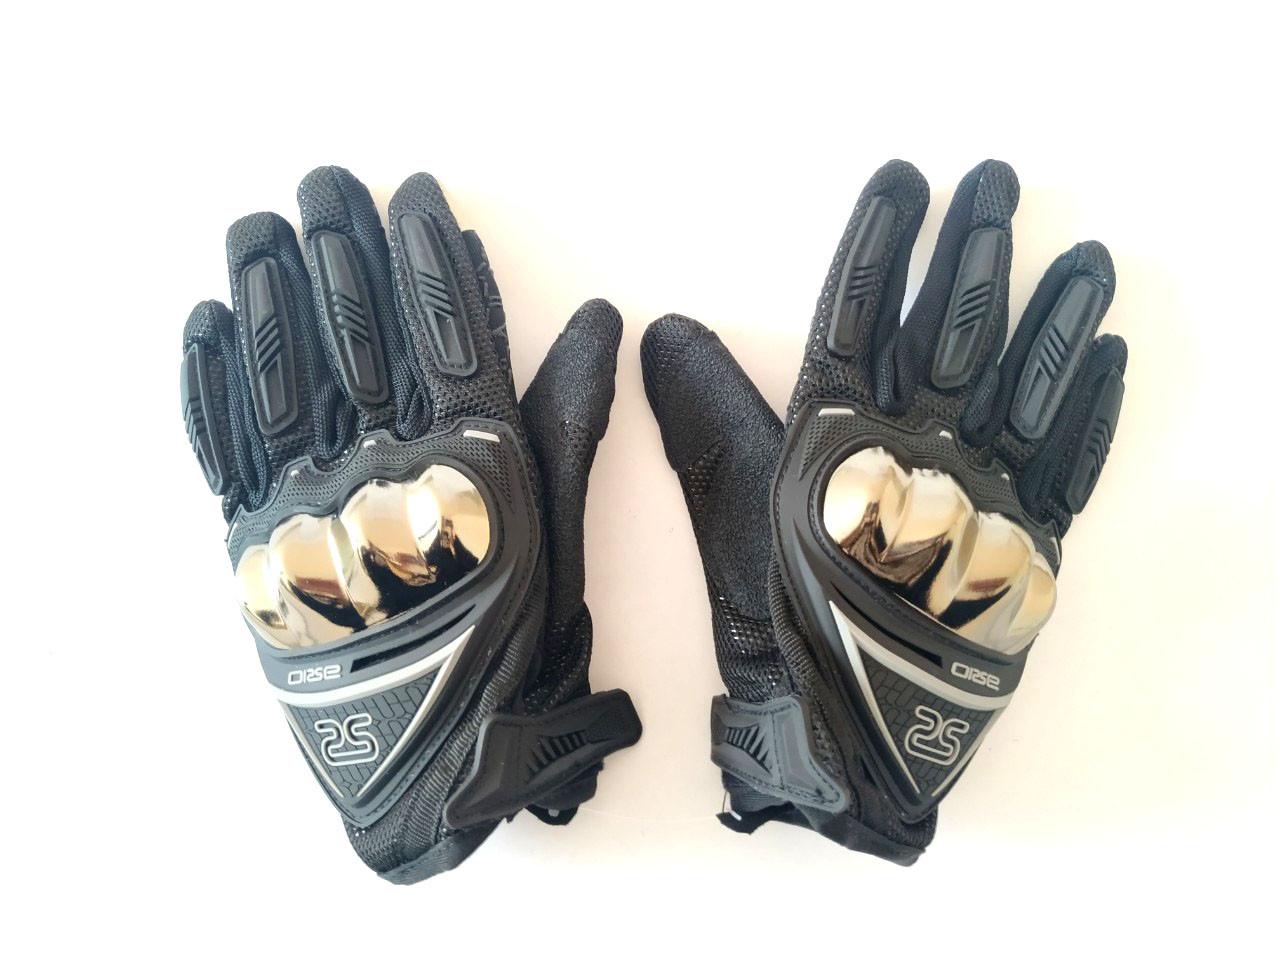 Рукавиці (Перчатки) AXIO сенсорний палець (size: M, чорні)